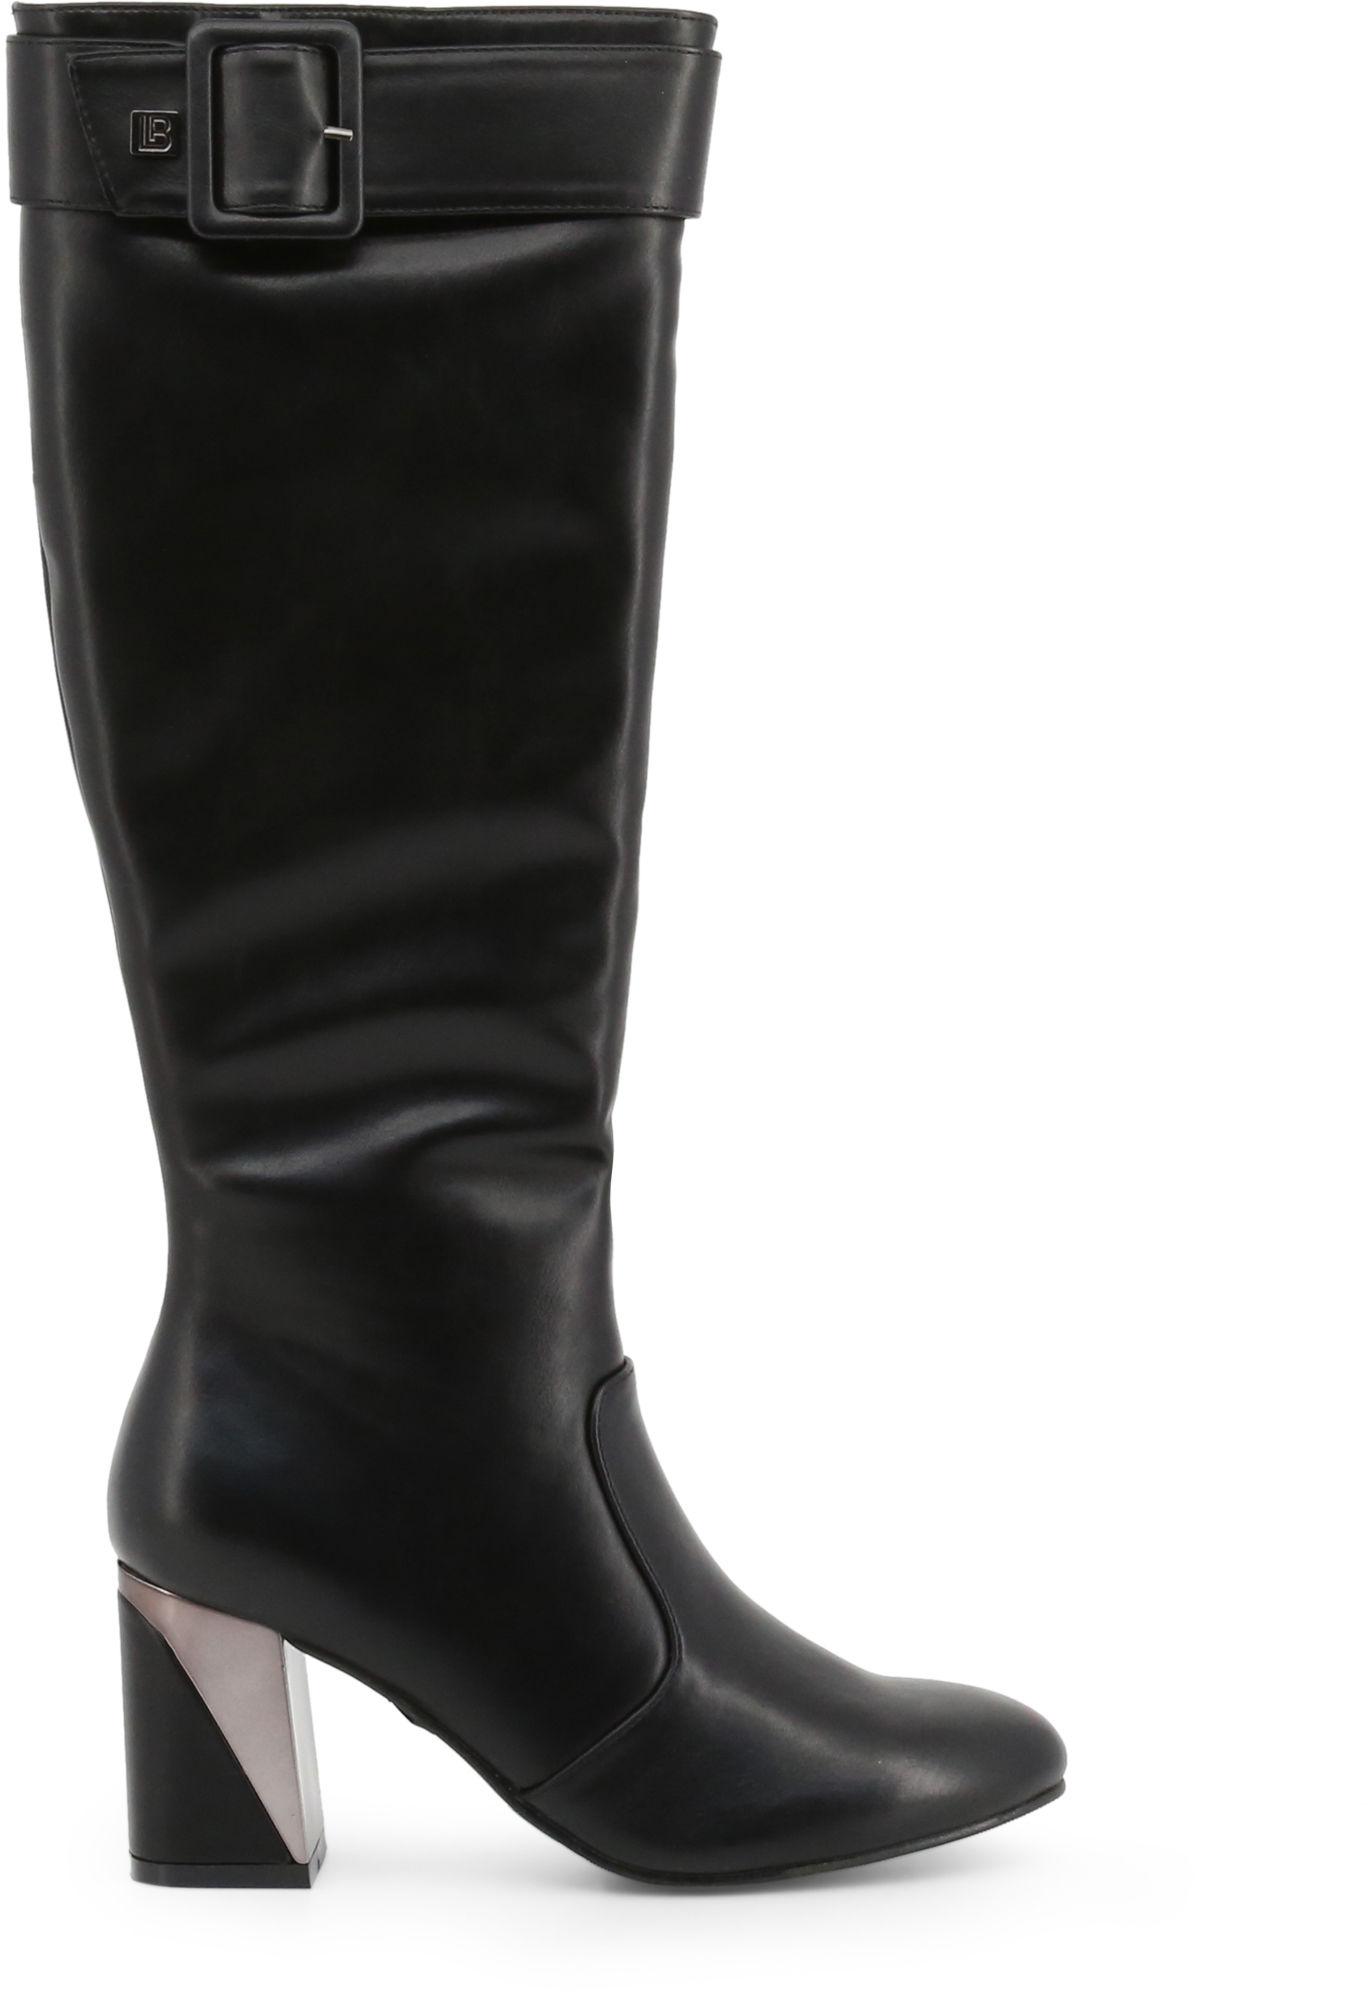 Laura Biagiotti Boots Women